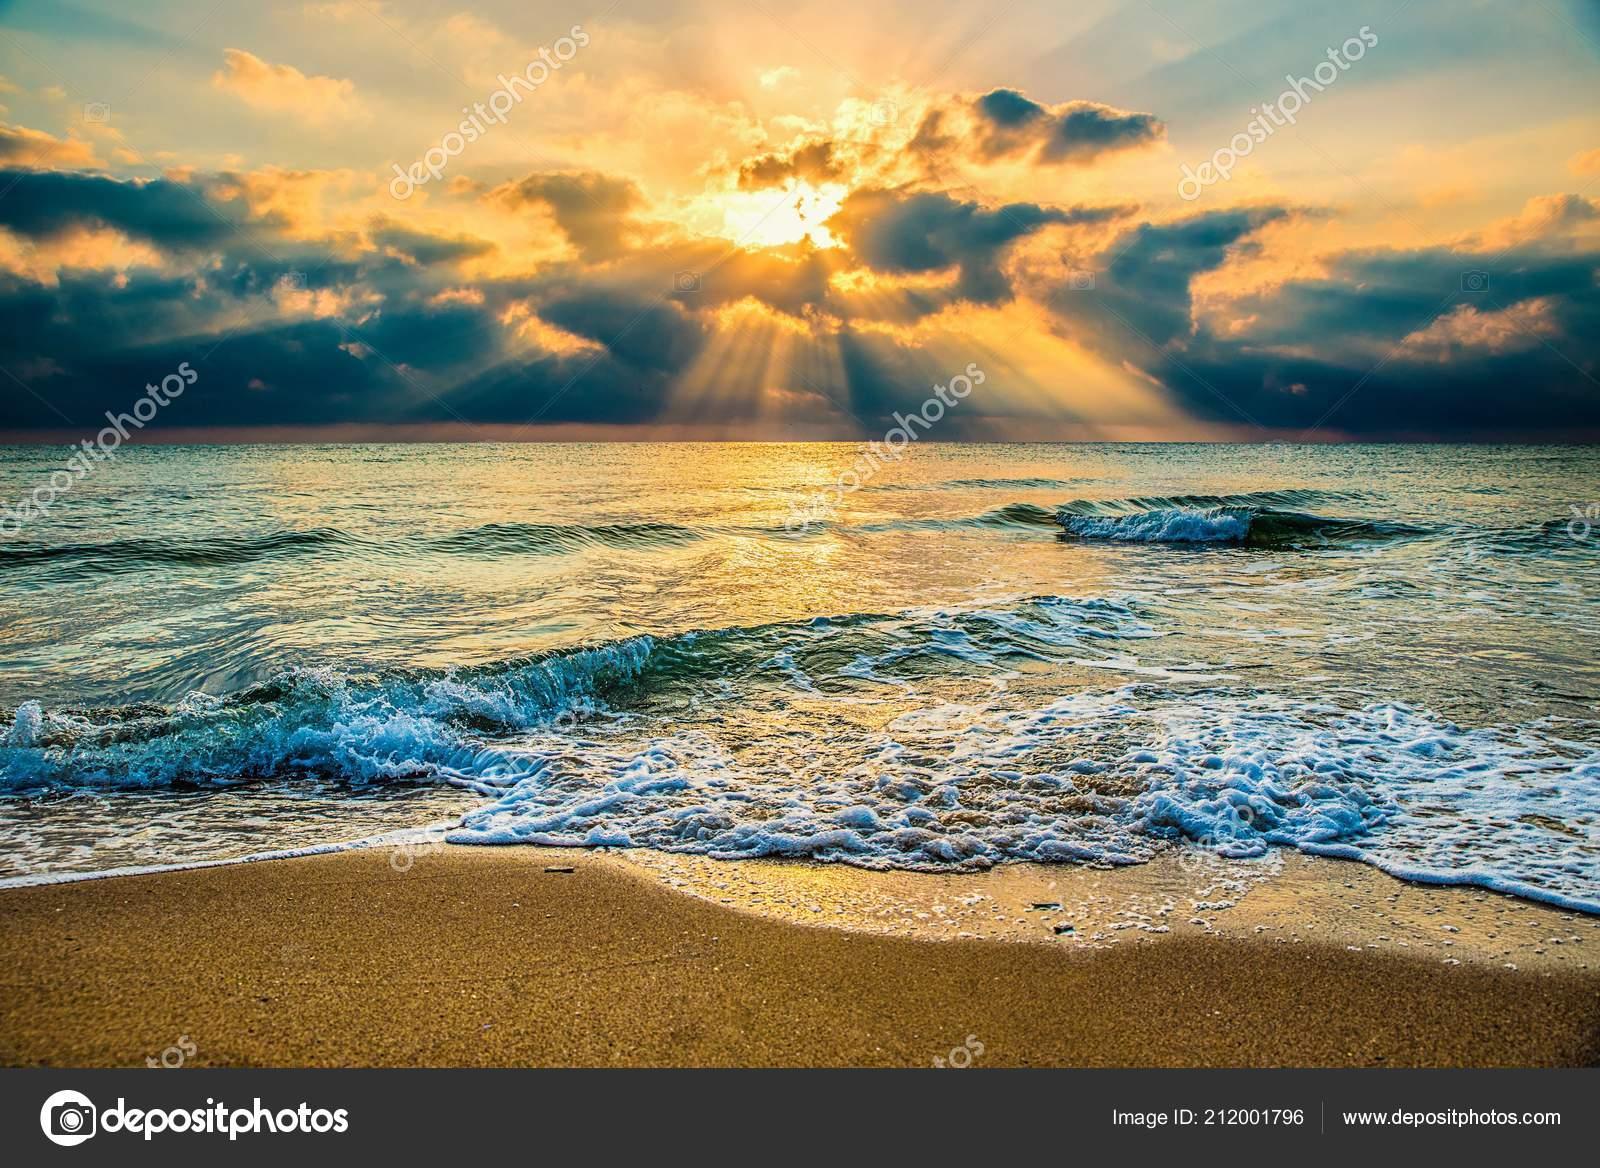 Krásné Romantické Ráno Moře — Stock Fotografie © baronb  212001796 a4cc288ecf5